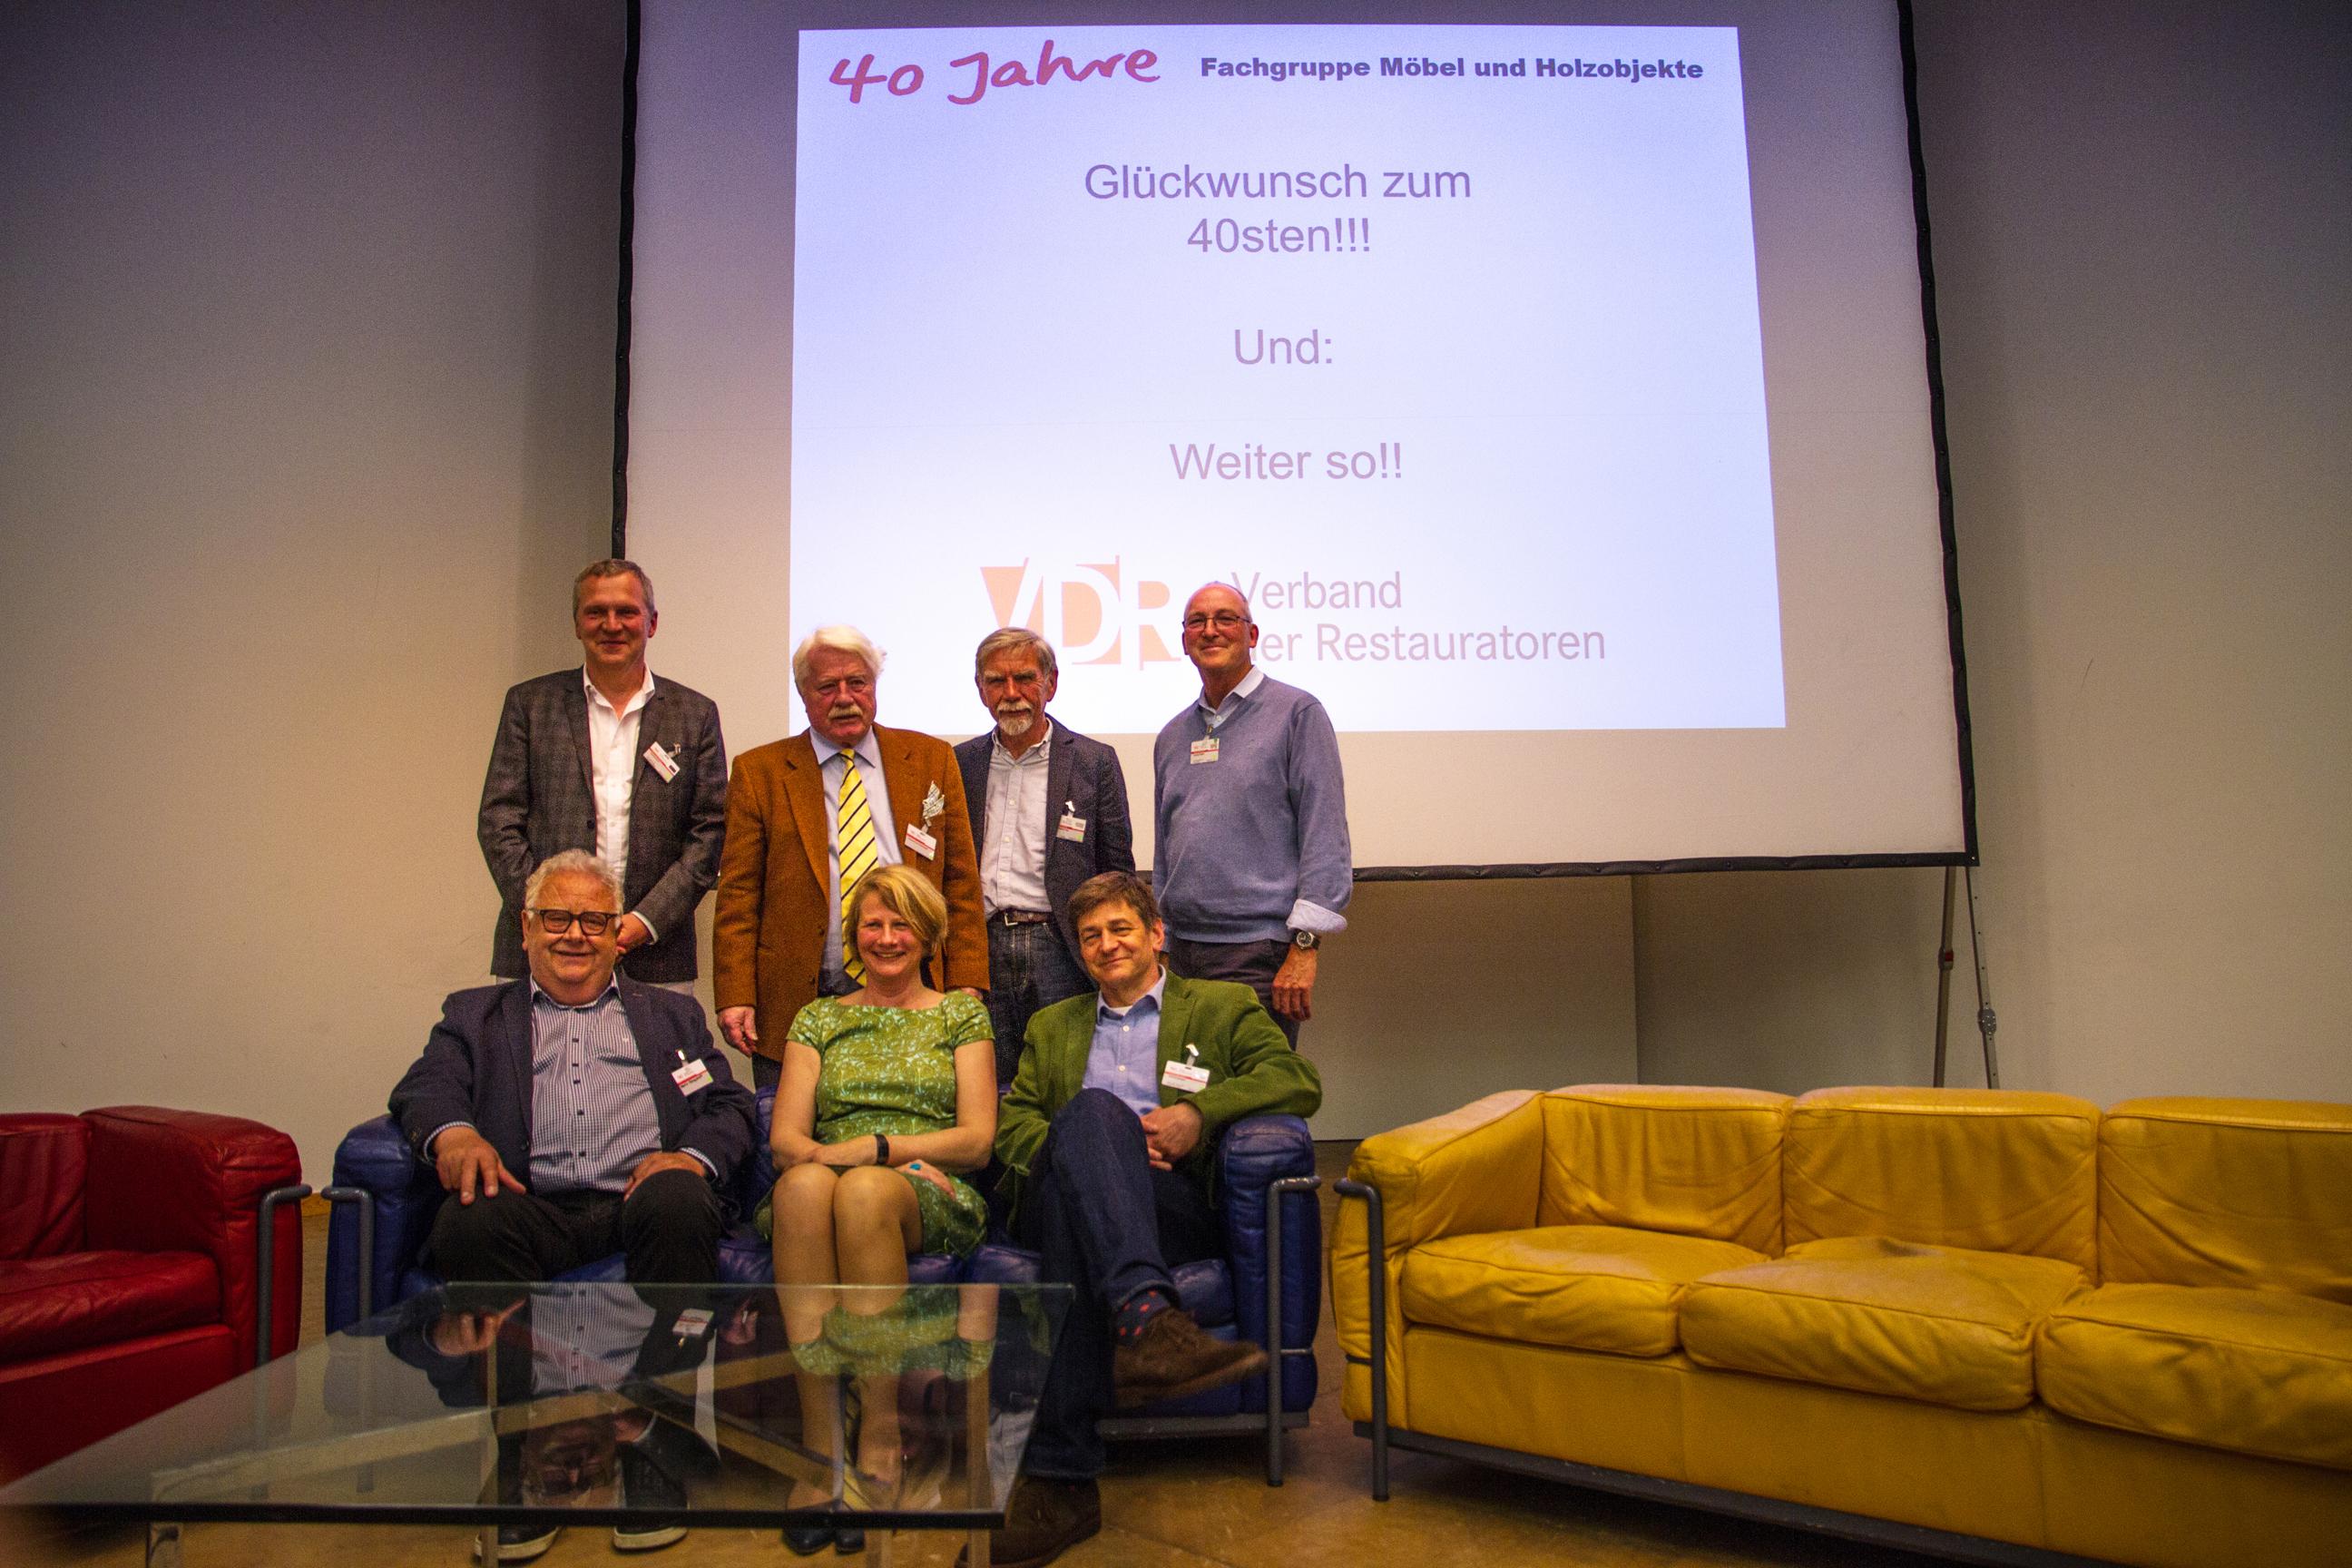 """Ihr 40-jähriges Jubliäum feierte die Fachgruppe Möbel mit der Tagung """"Ein Stück Alltag"""" im Mai in Nürnberg. (Foto: Anselm Pranz, Henrike Steinweg)"""